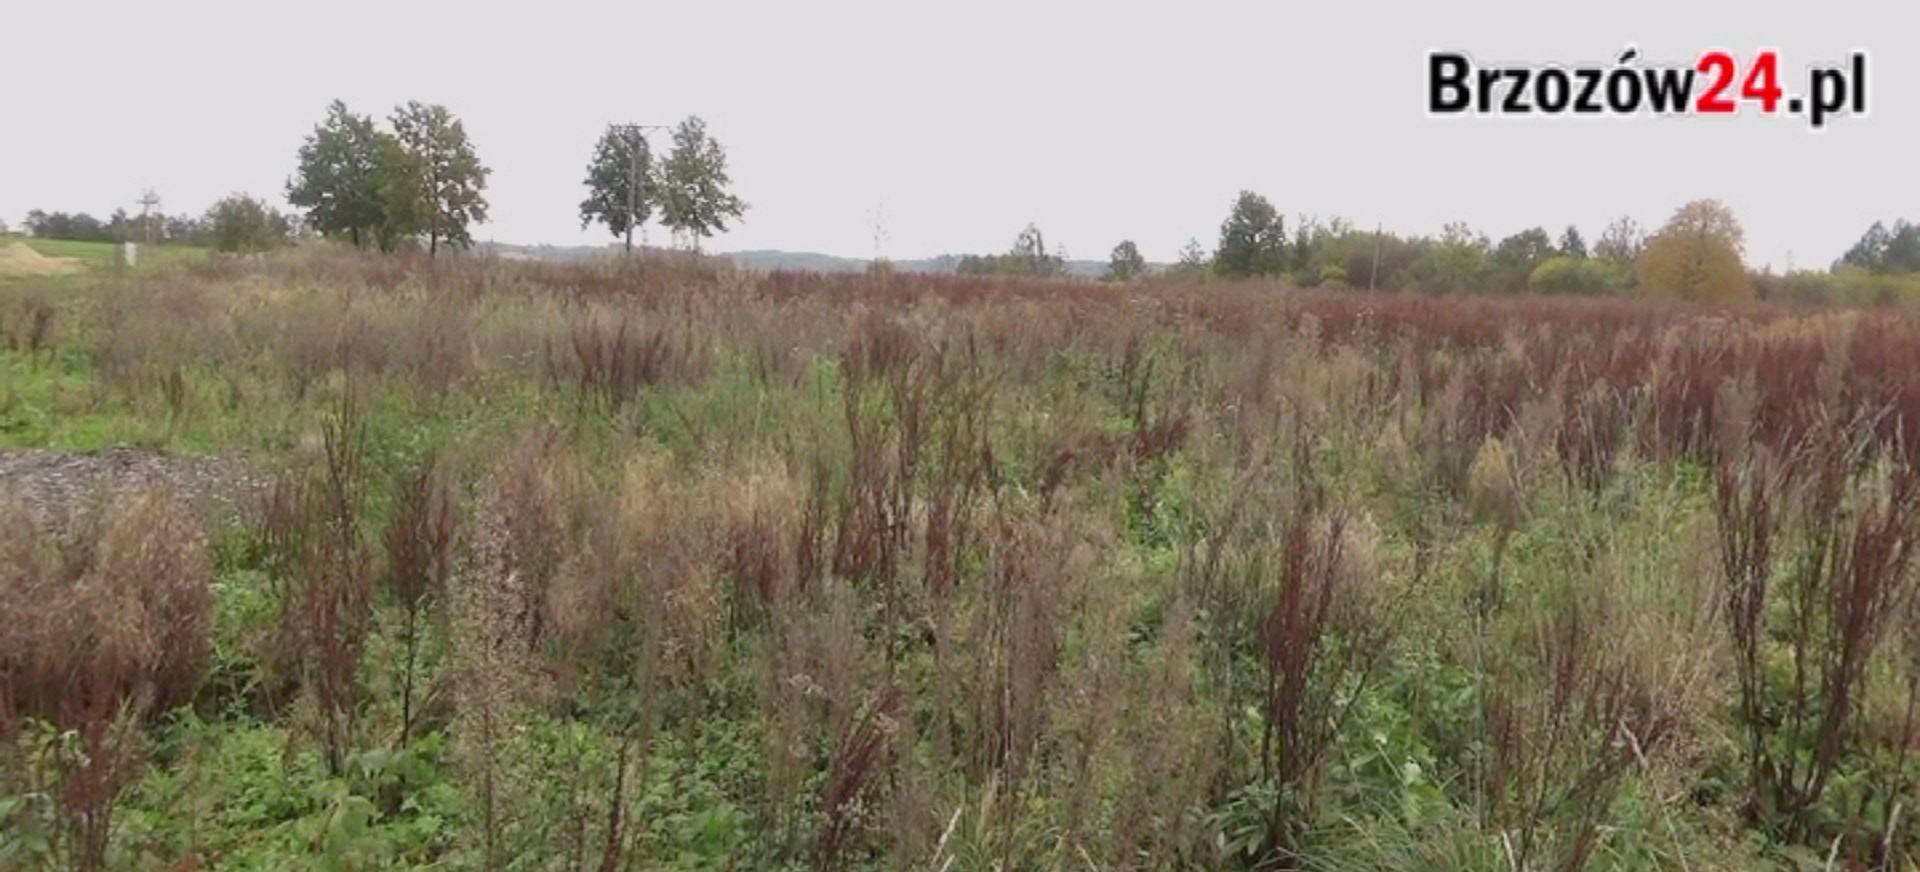 Przez cztery lata udało się… wykarczować teren (VIDEO)